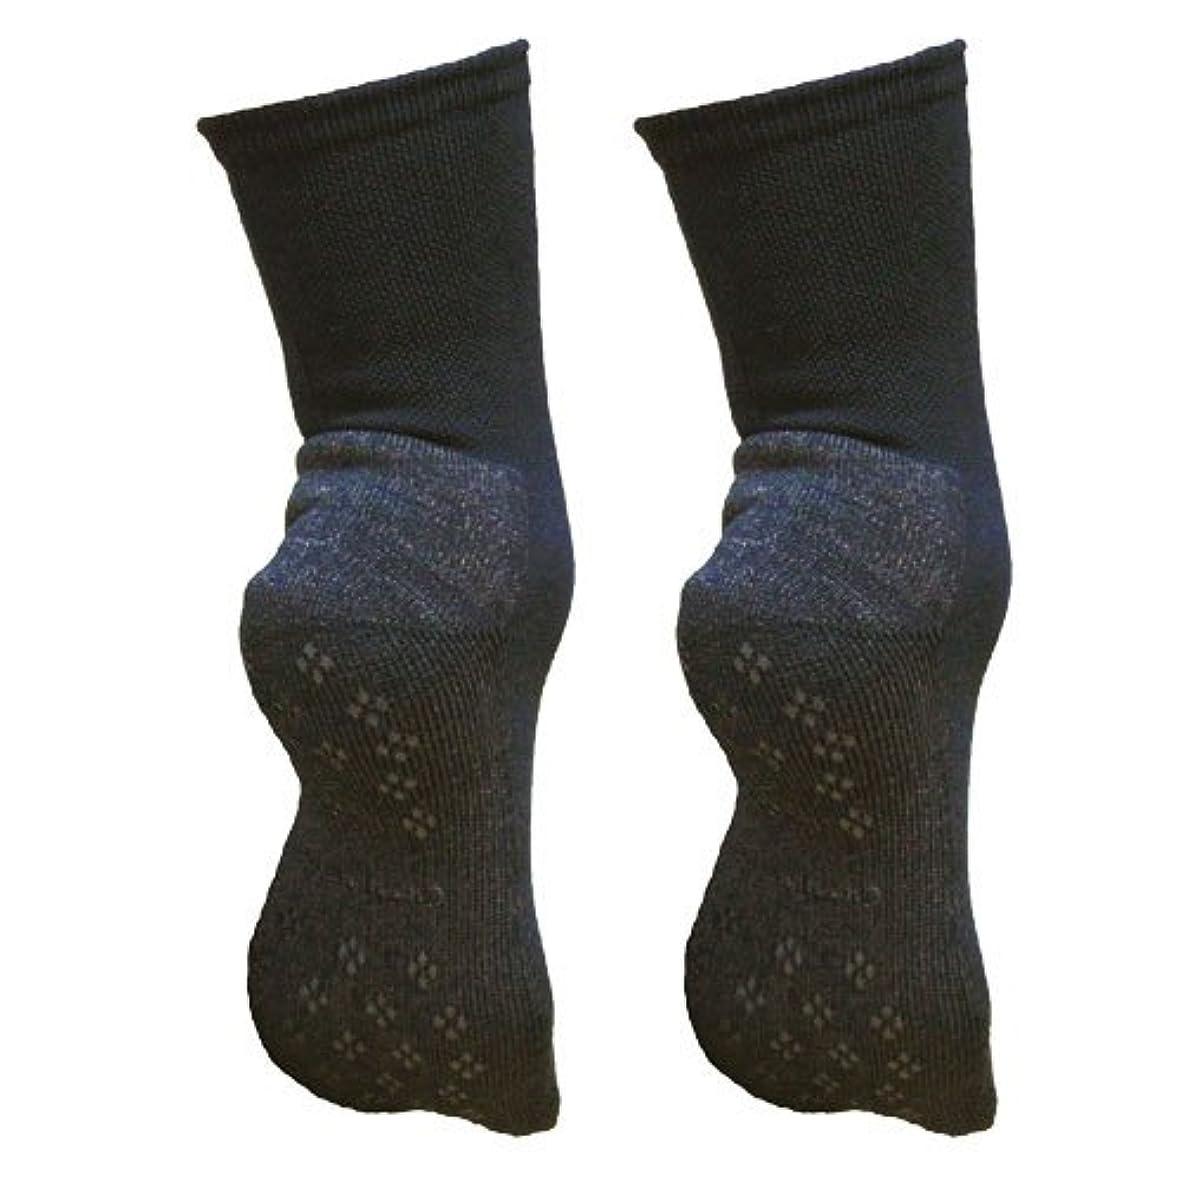 上にラオス人小さな銅繊維靴下「足もとはいつも青春」パイルタイプ2足セット 靴底のあたたかさ重視